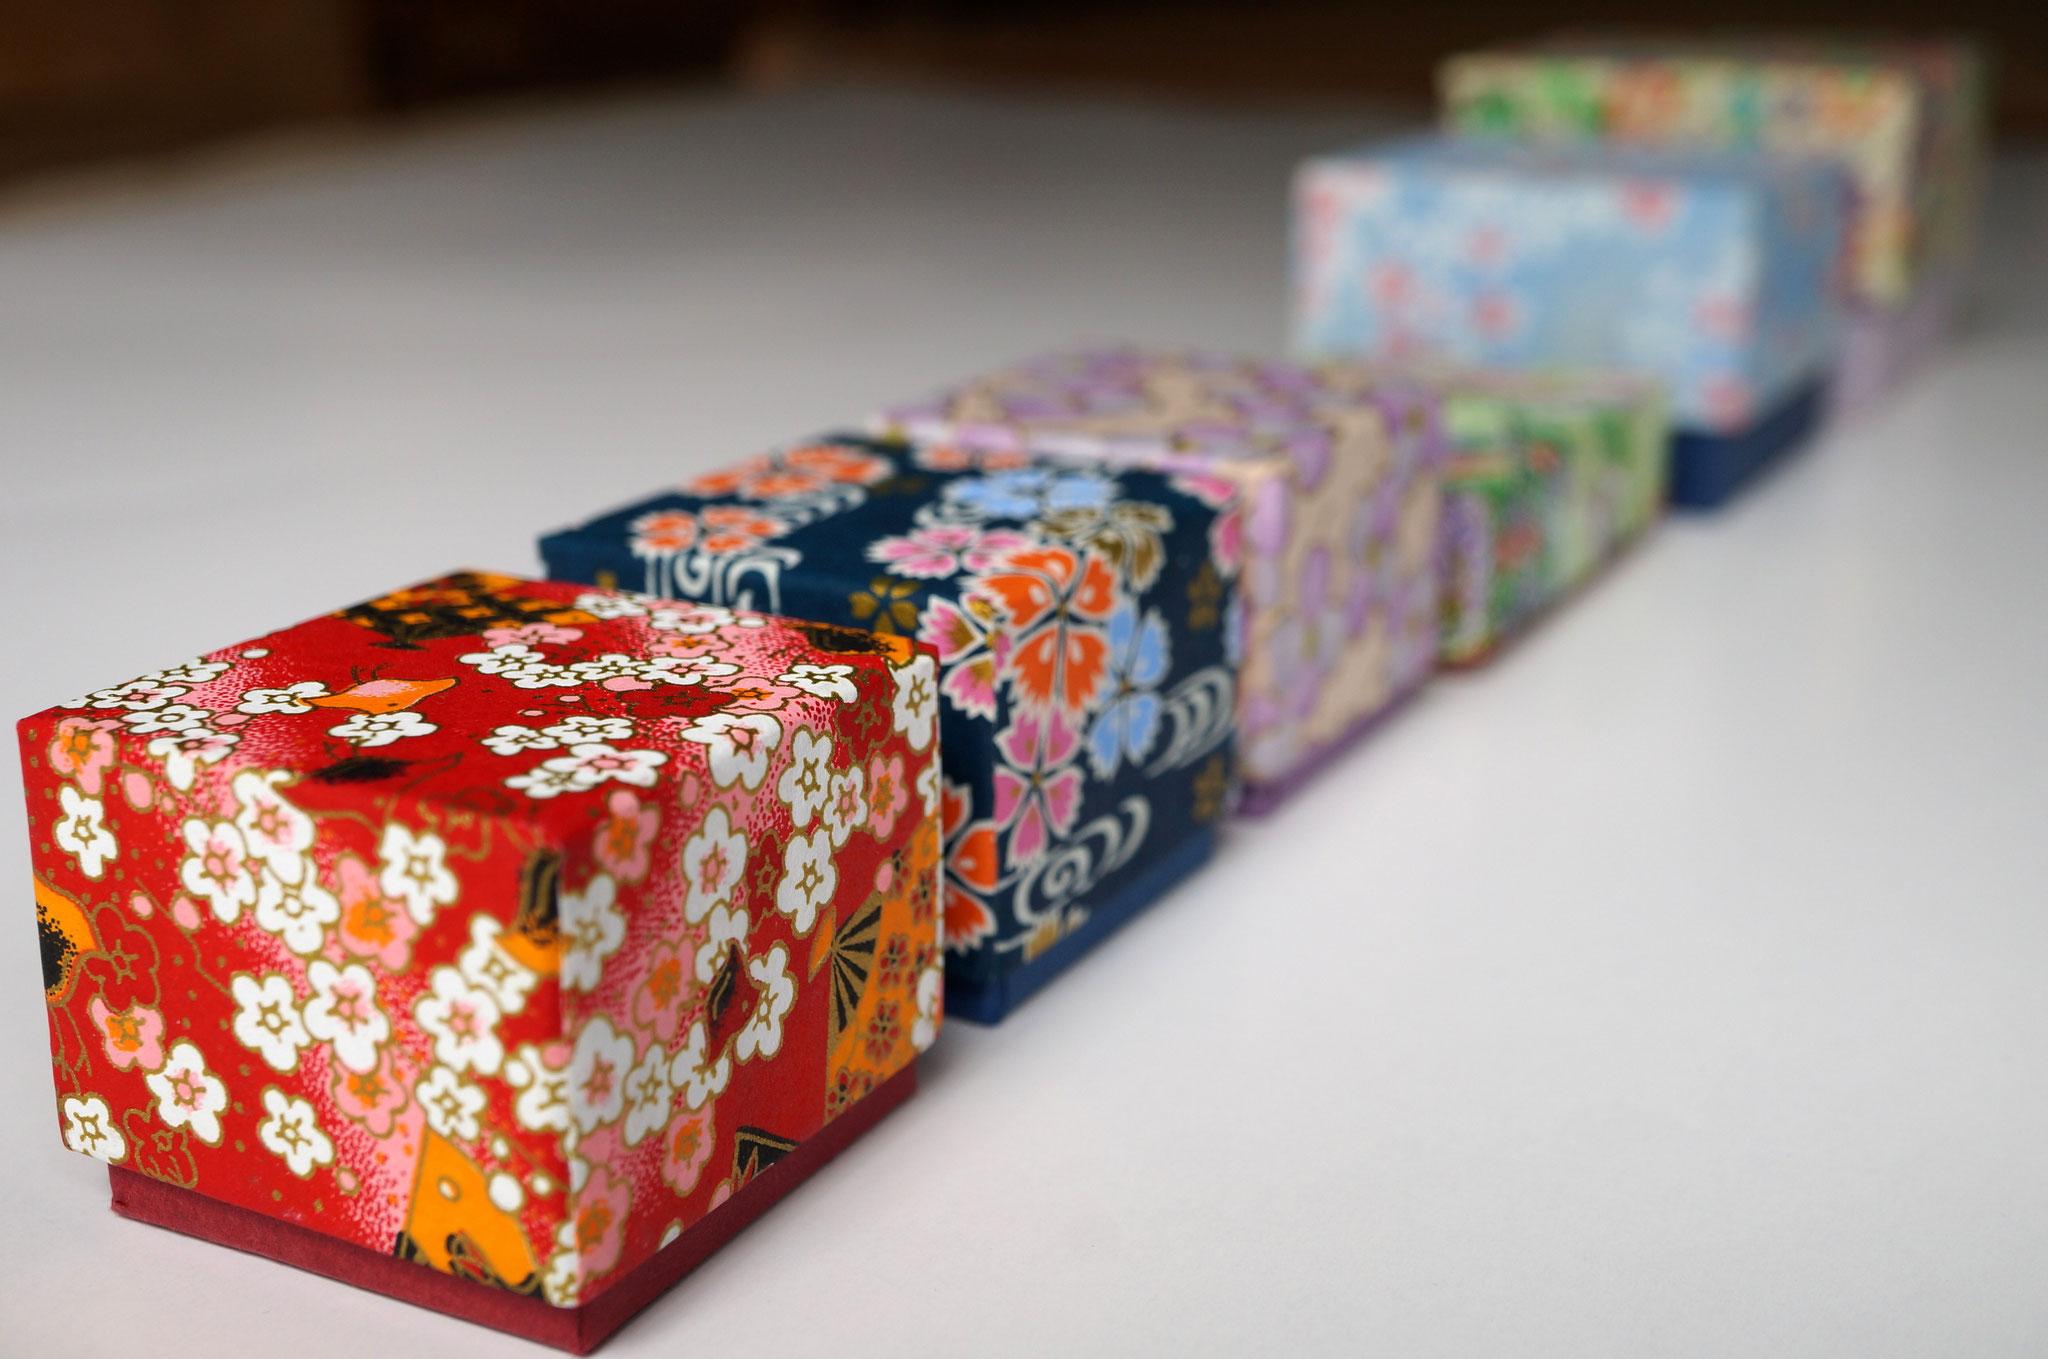 千代紙を使用して各種サイズの貼り箱を作製しました